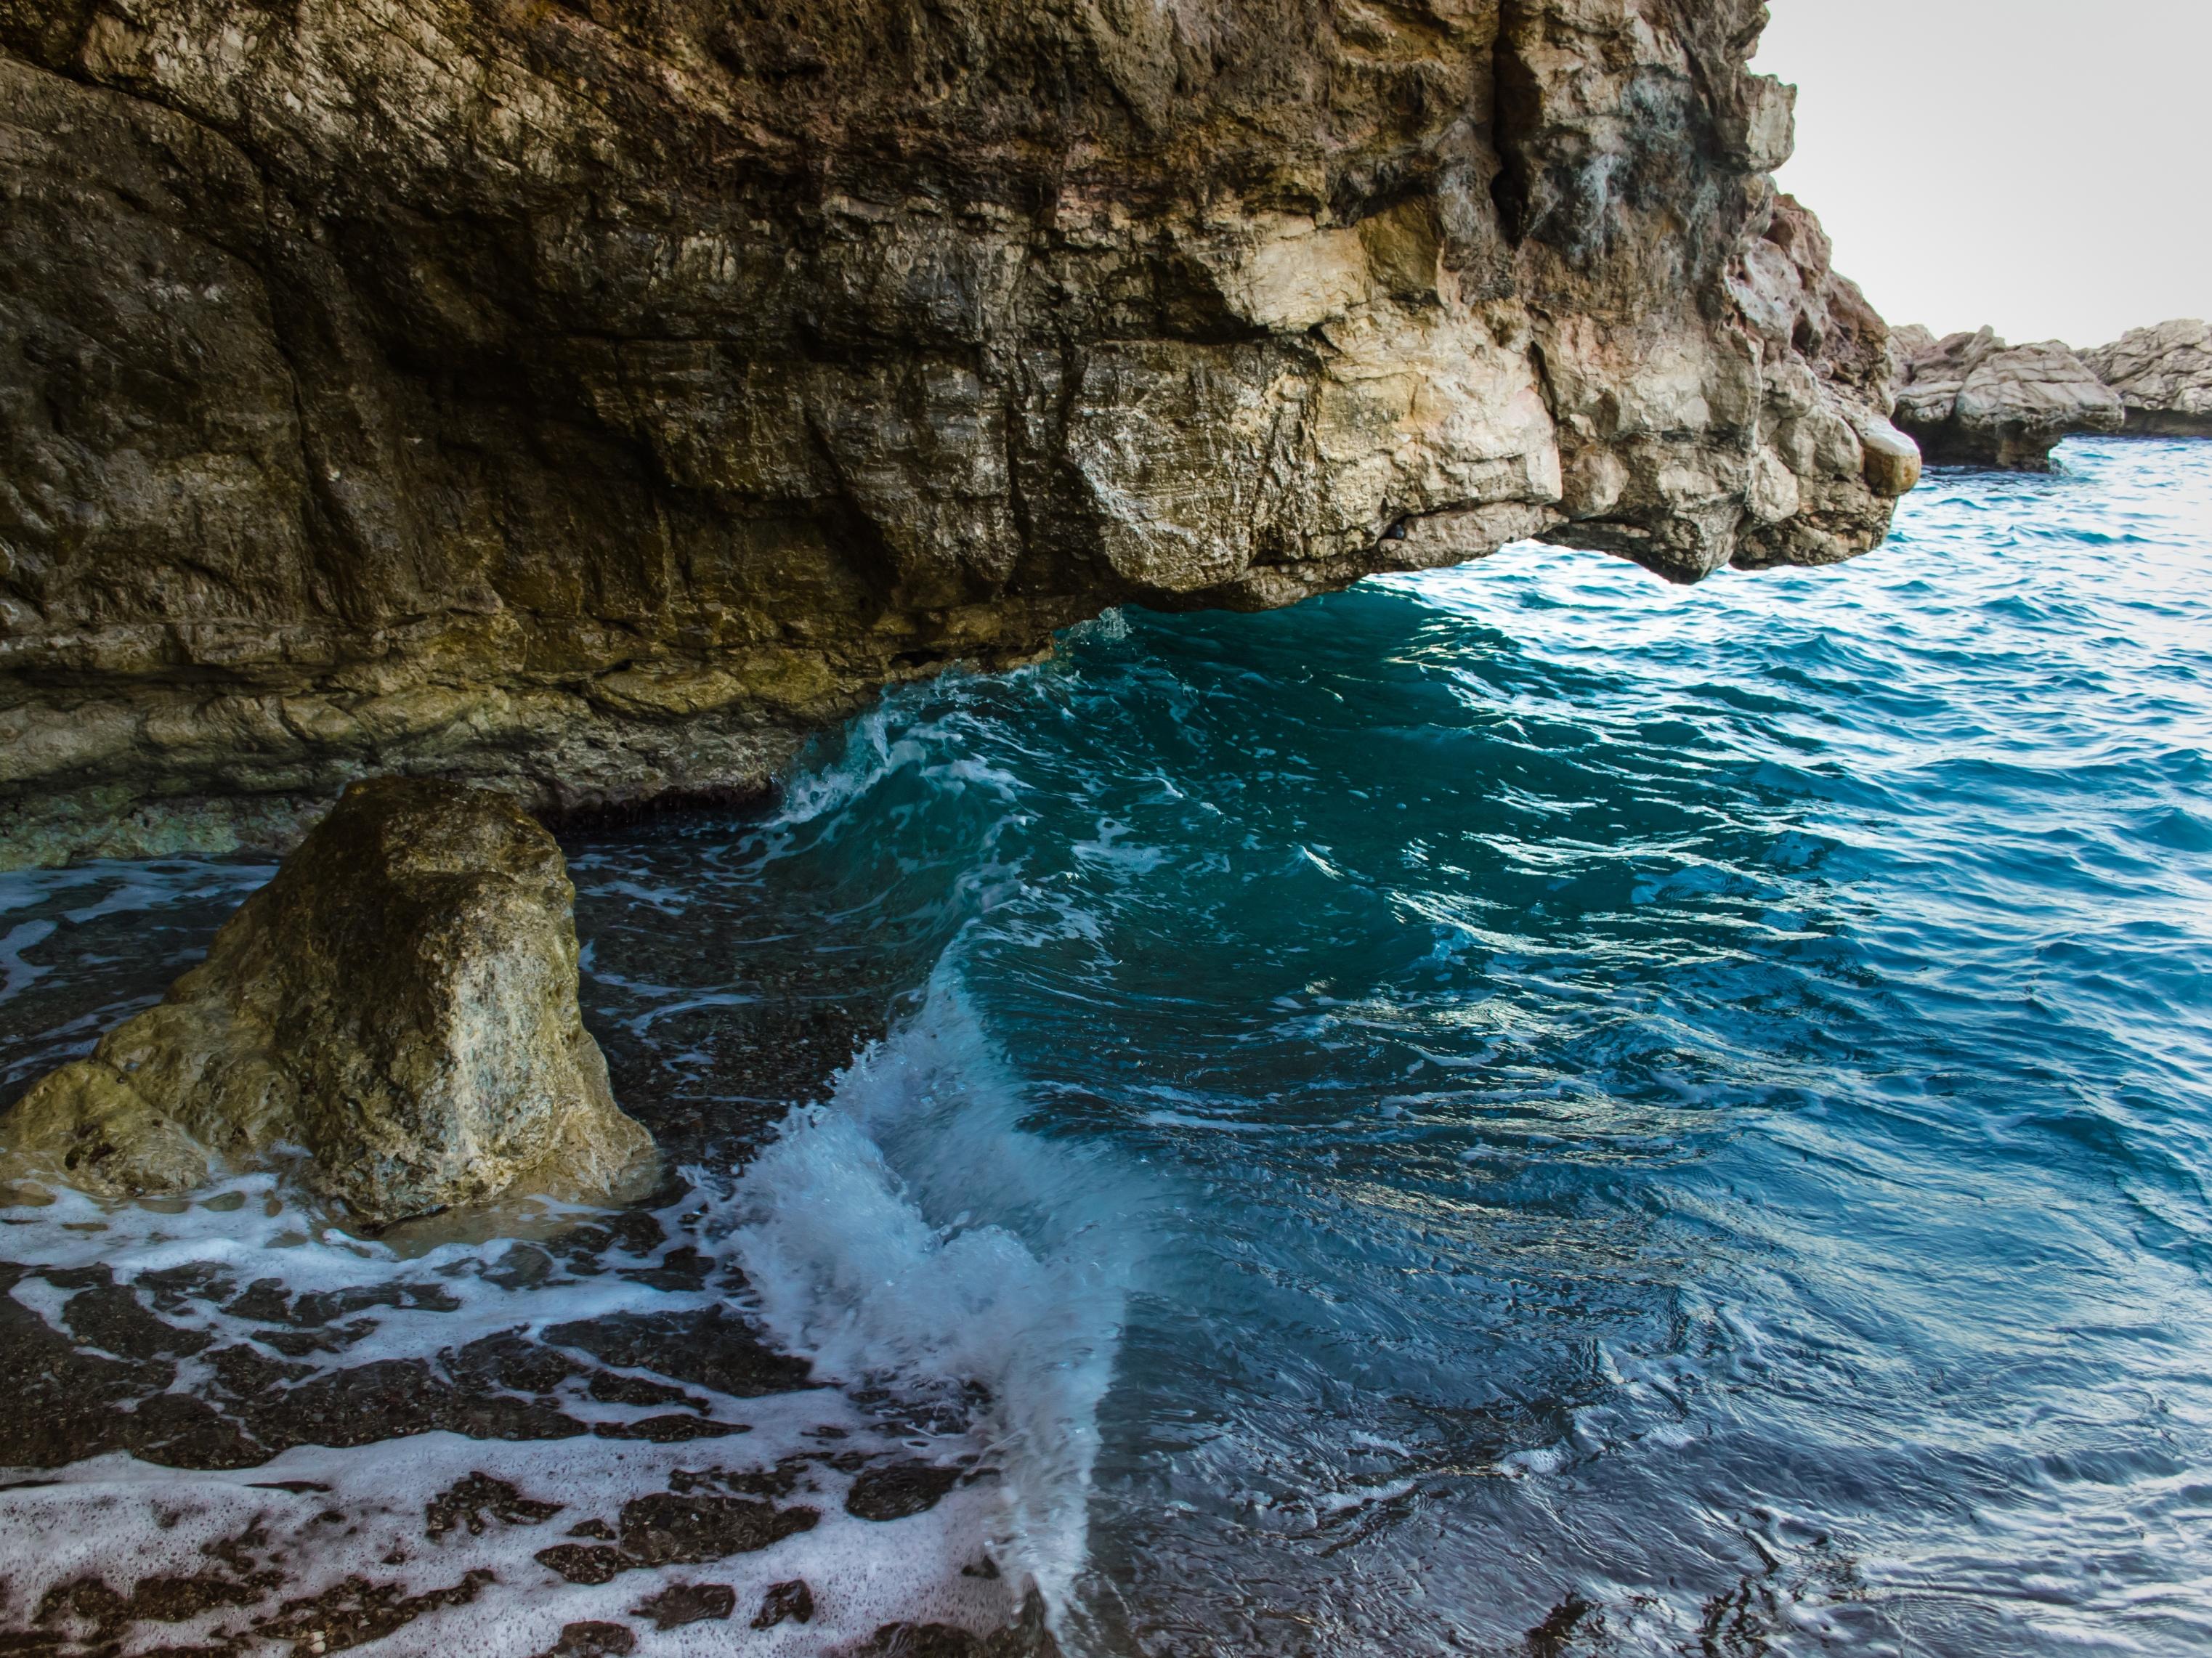 пещеры бельдиби фото шпионаже